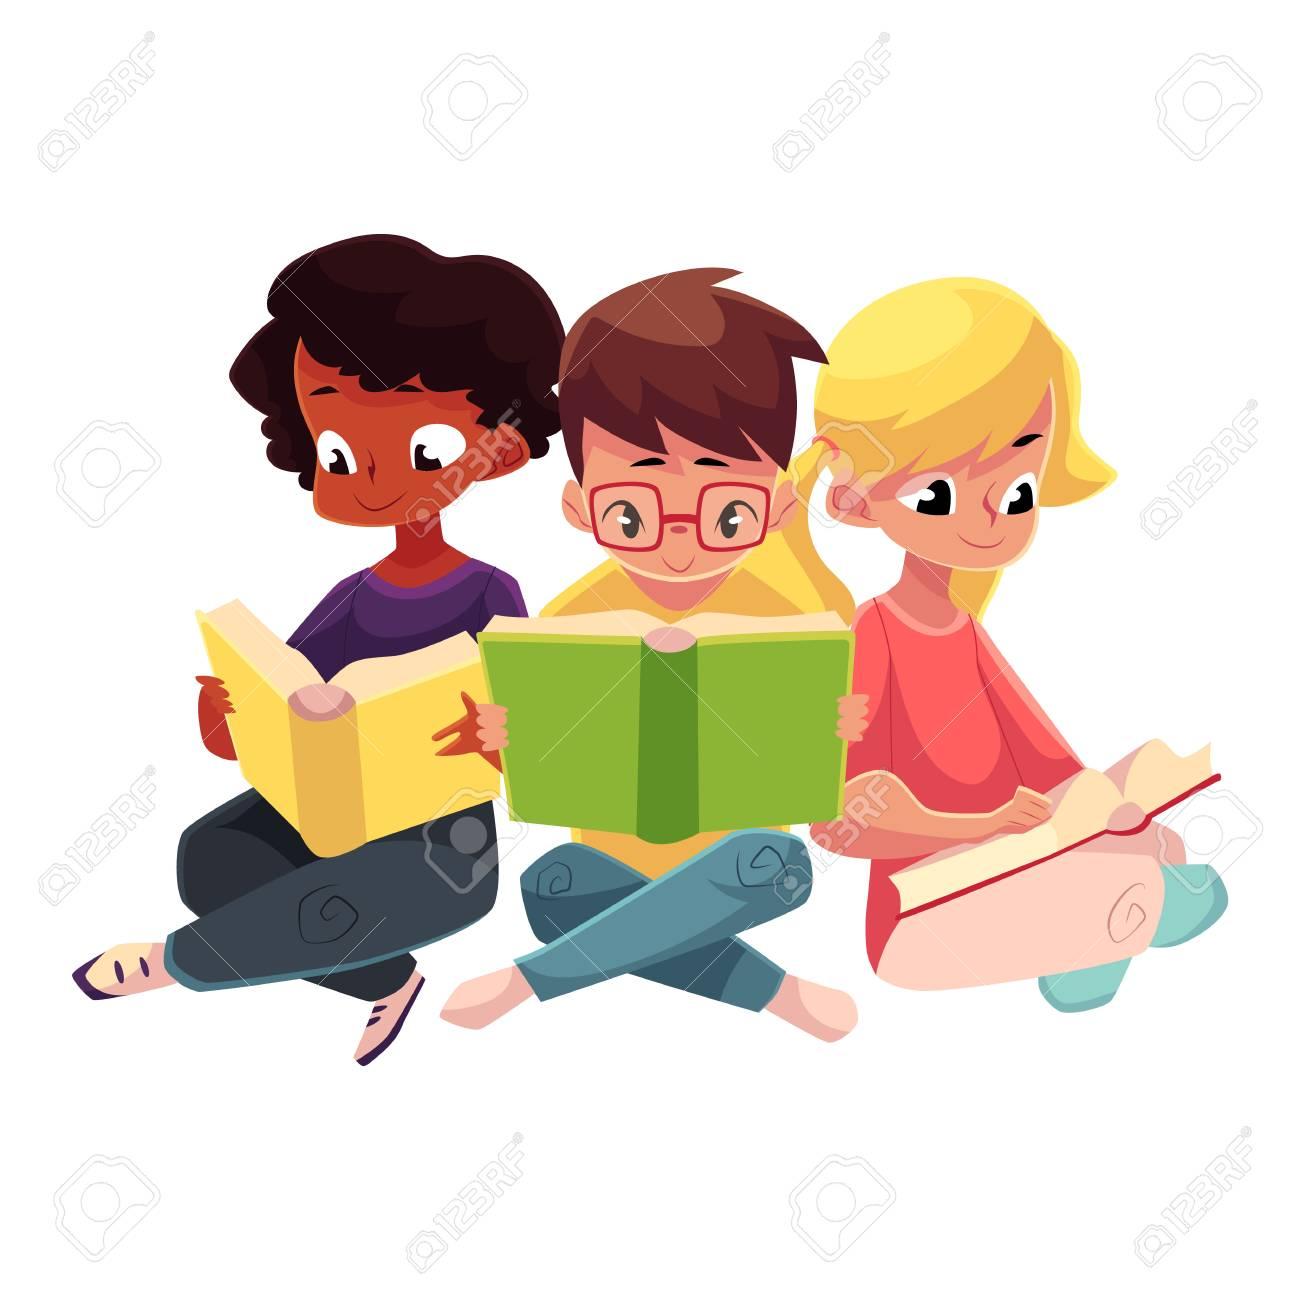 76889521 trois enfants garcons et filles lecture de livre interessant assis avec les jambes croisees illustration d